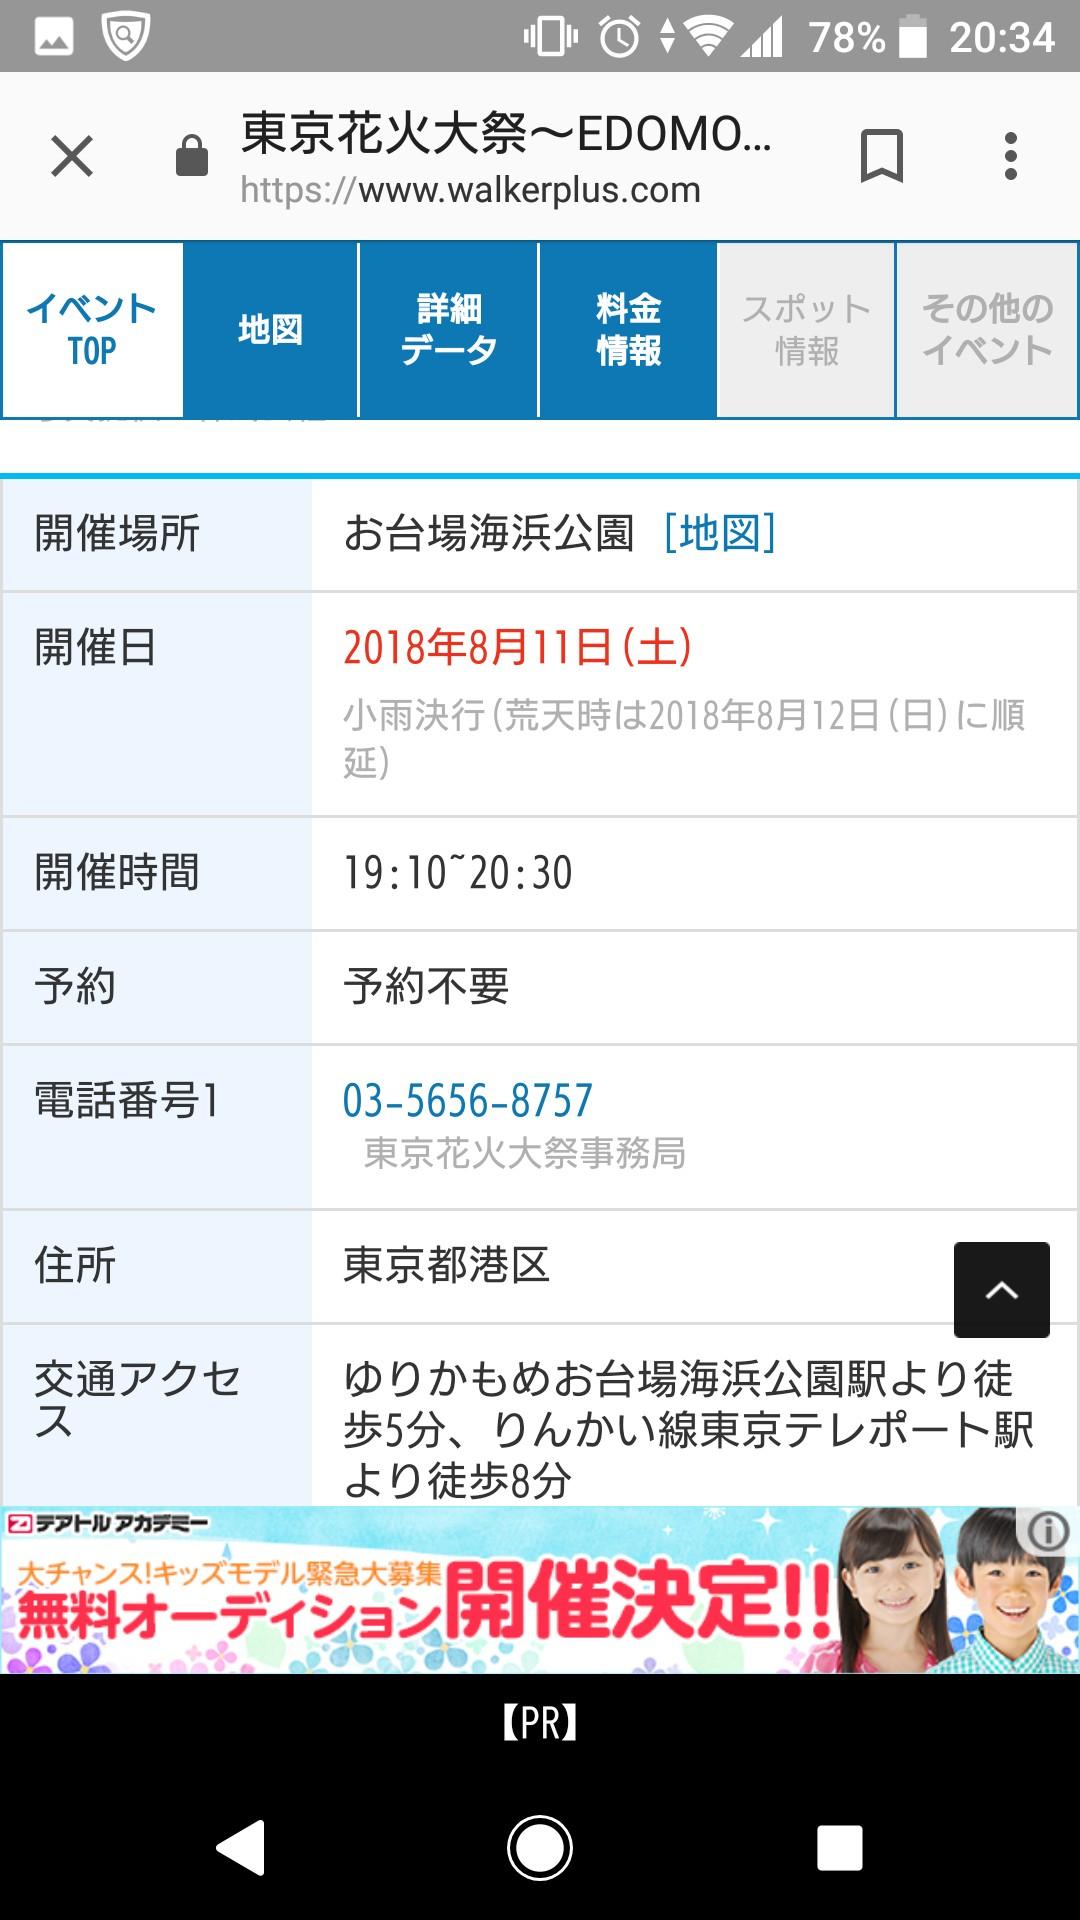 20180625203503997.jpg